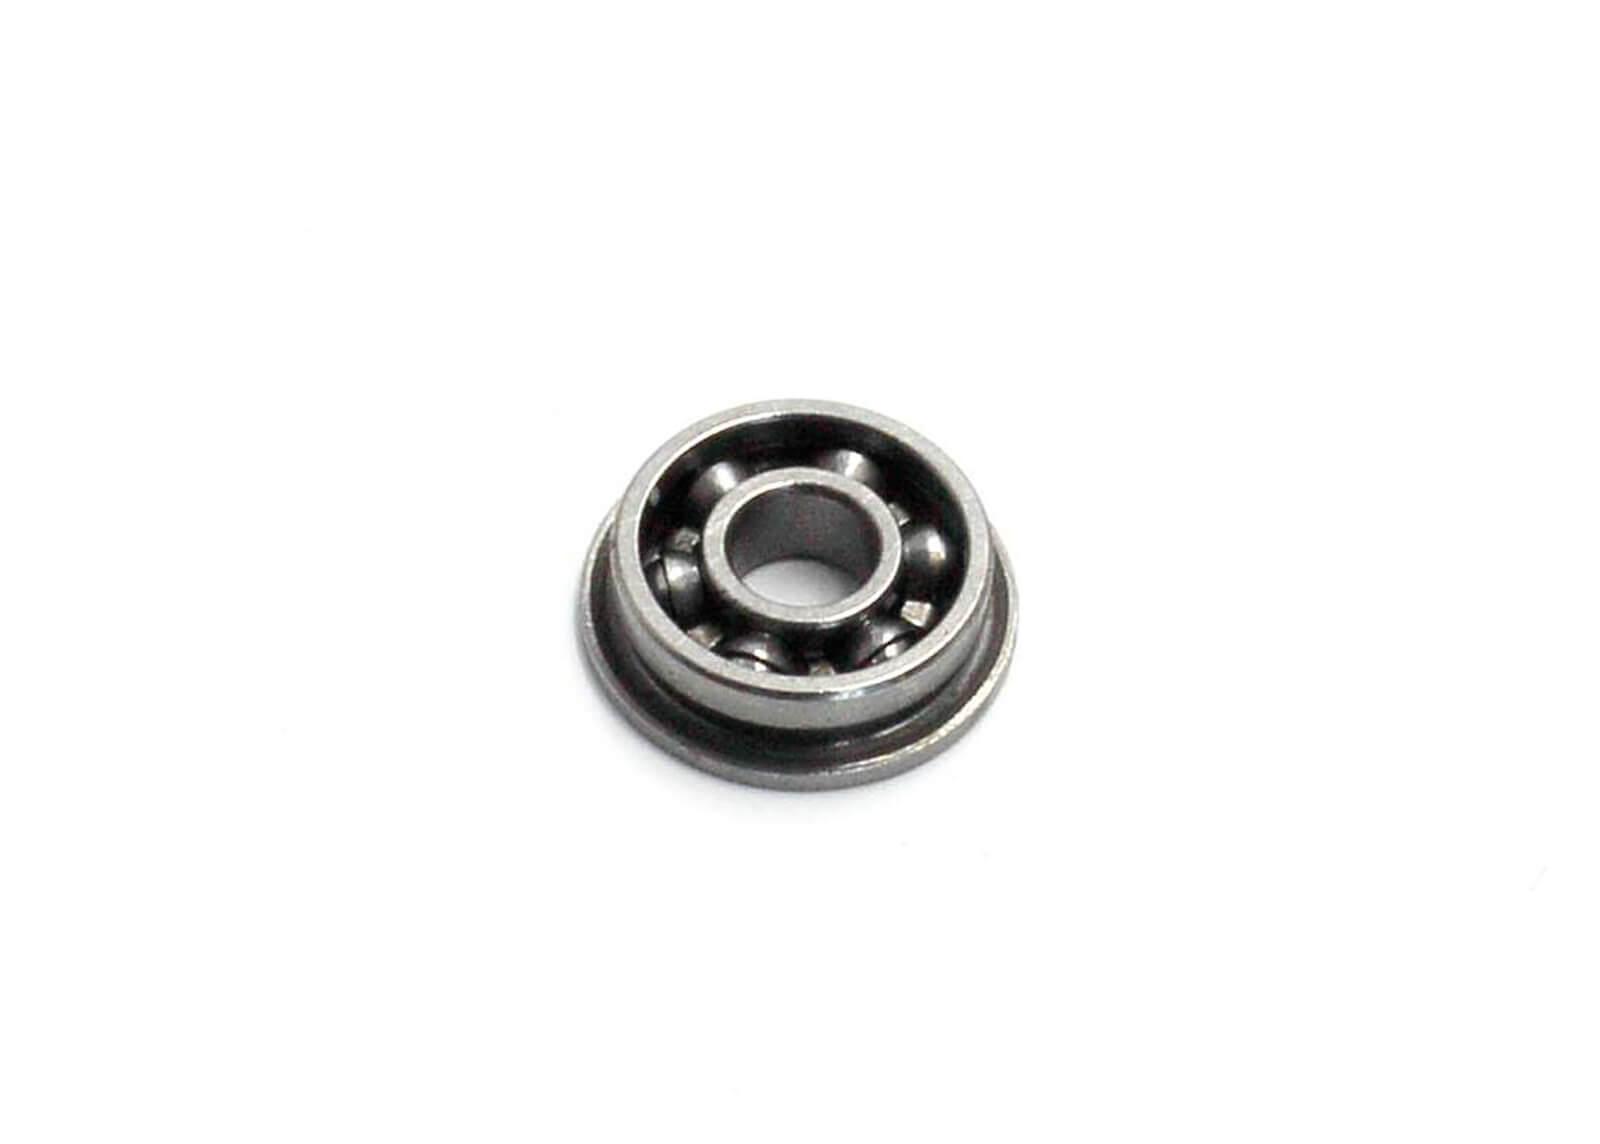 Kit com 6 rolamentos de esfera com diametro externo de 8mm - Modify  - MAB AIRSOFT